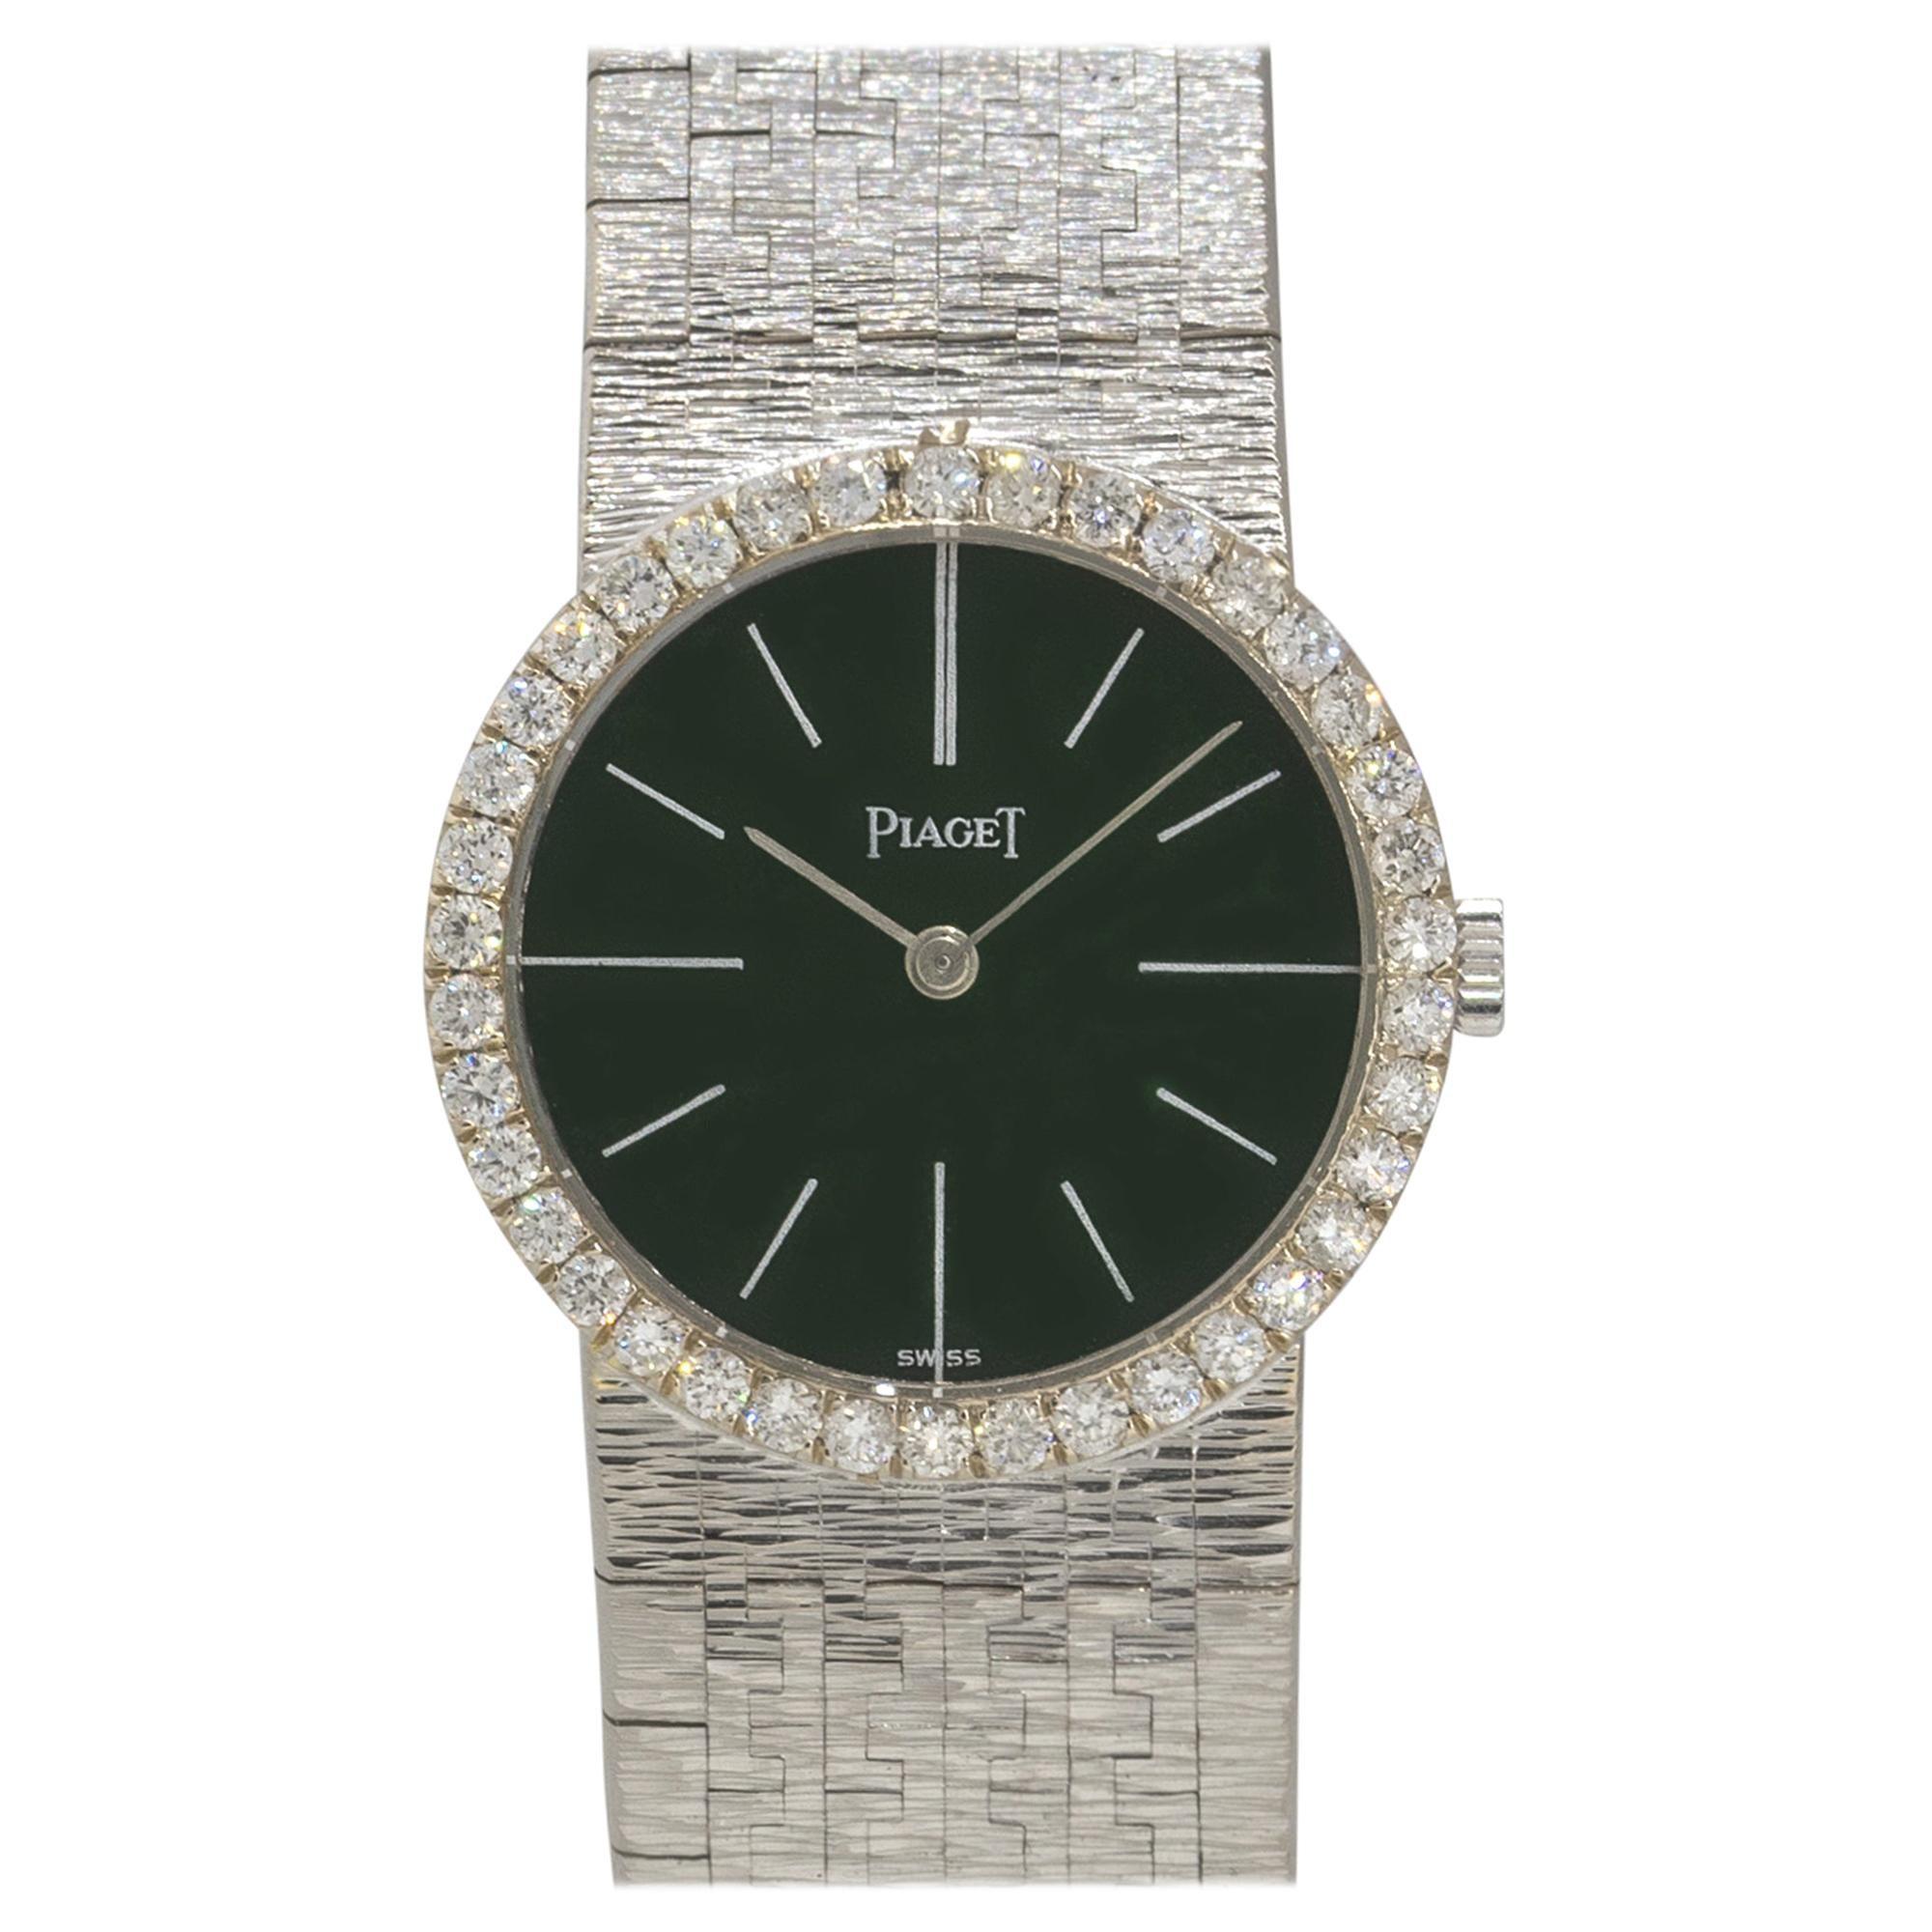 Piaget 924B2 18k White Gold Jade Dial Diamond Ladies Watch